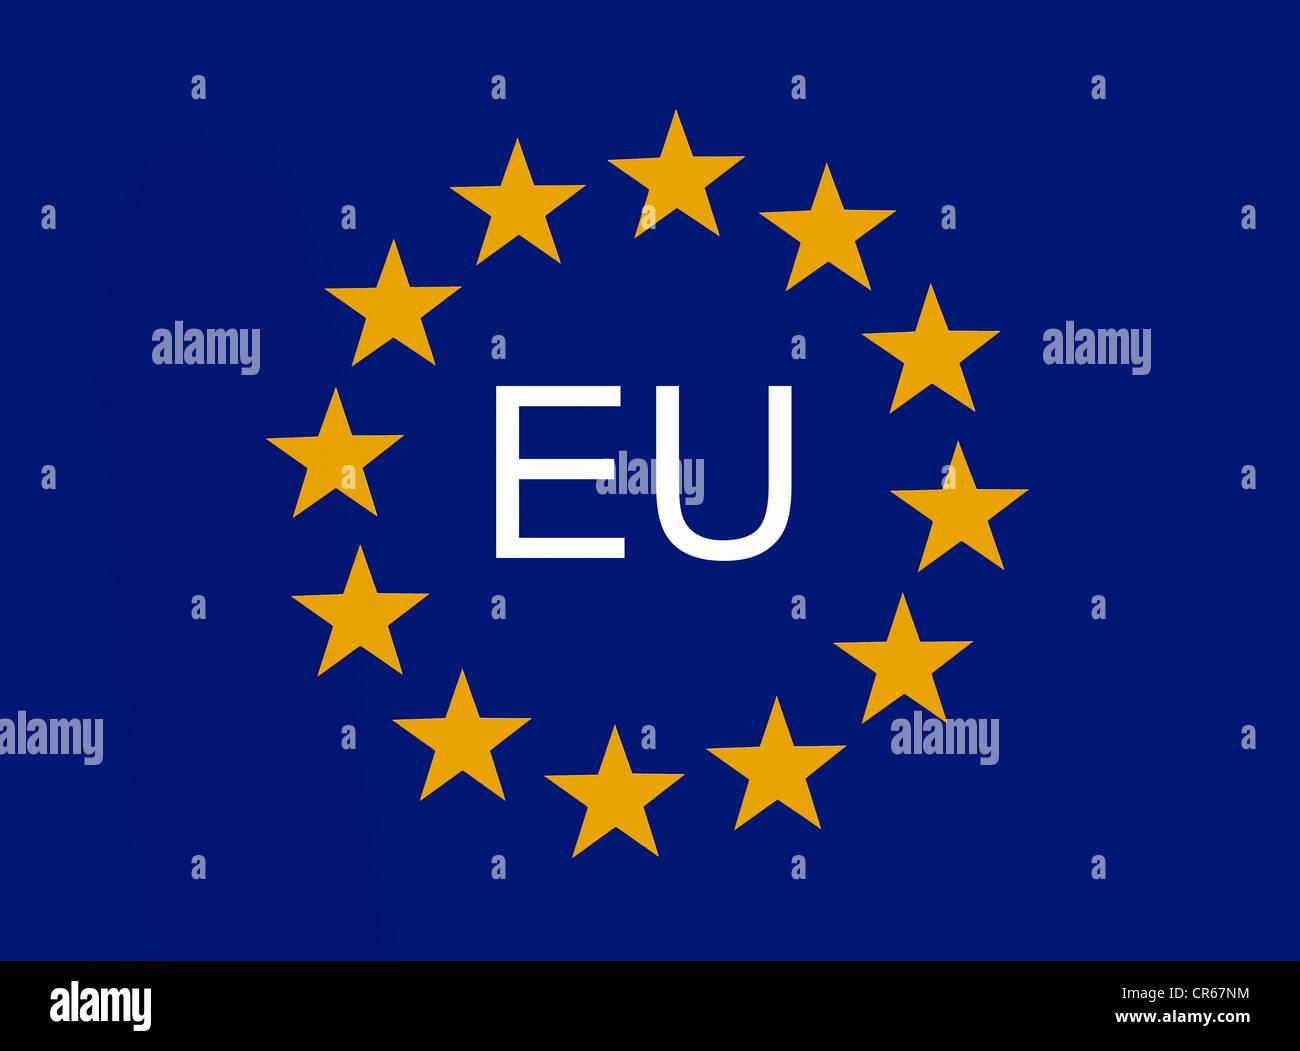 European symbol, 12 EU stars of the European Union - Stock Image